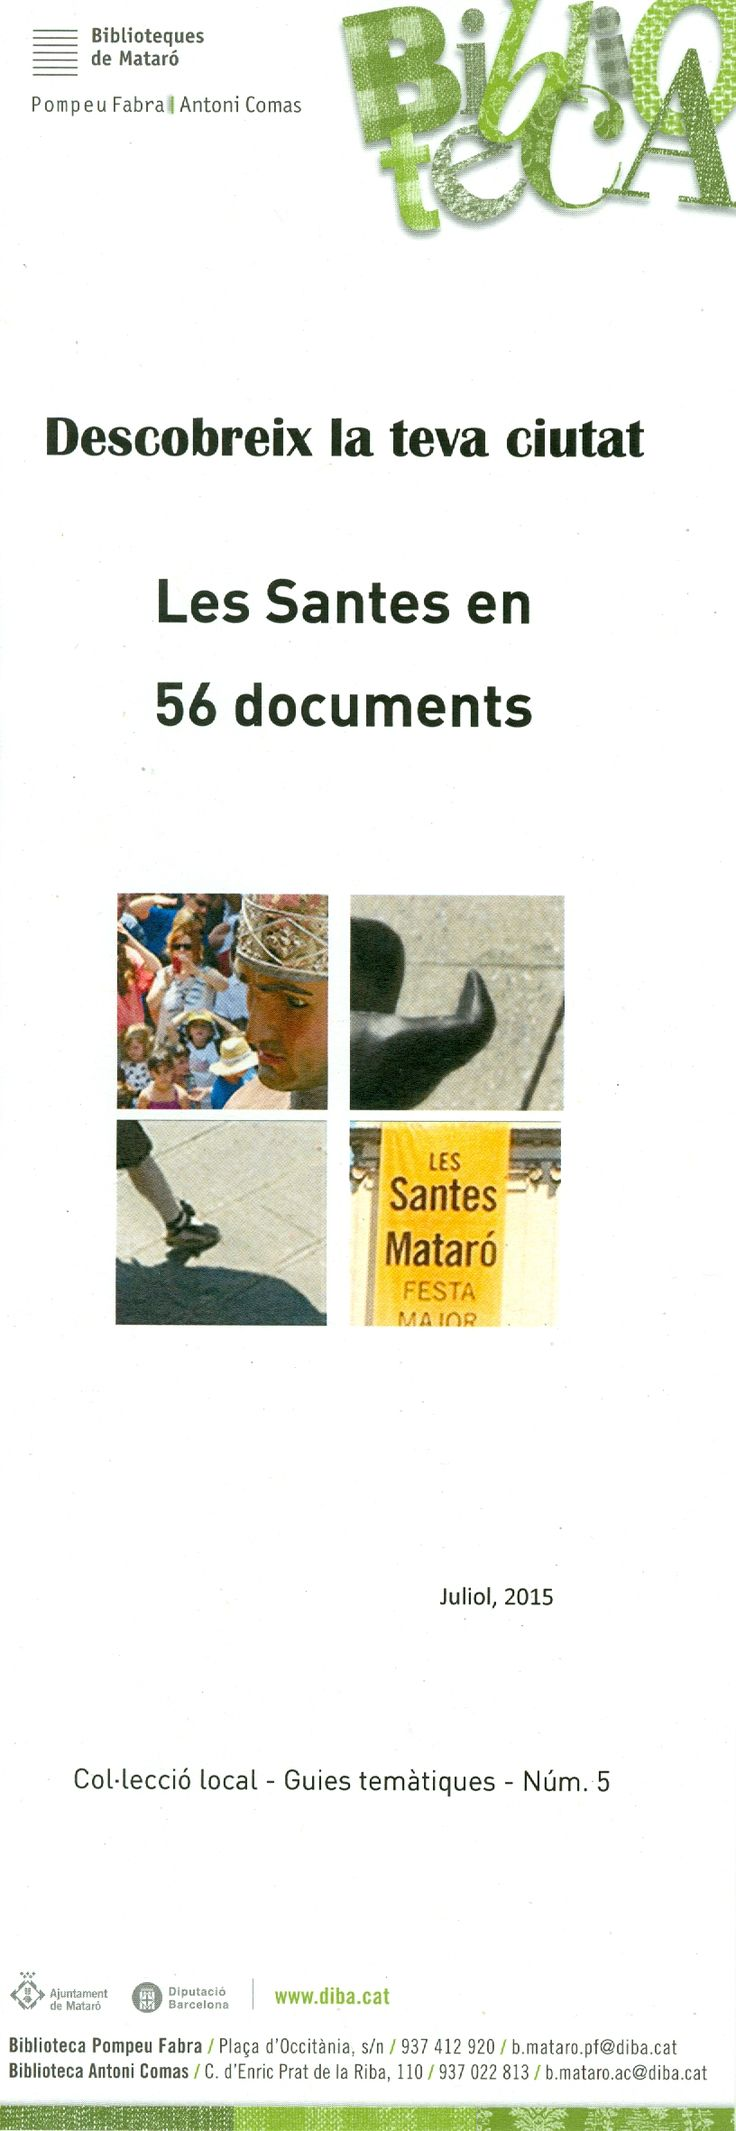 Guia bibliogràfica sobre Les Santes. Clicant sobre la imatge i seguint l'enllaç (VISIT SITE) us la podreu descarregar i imprimir.